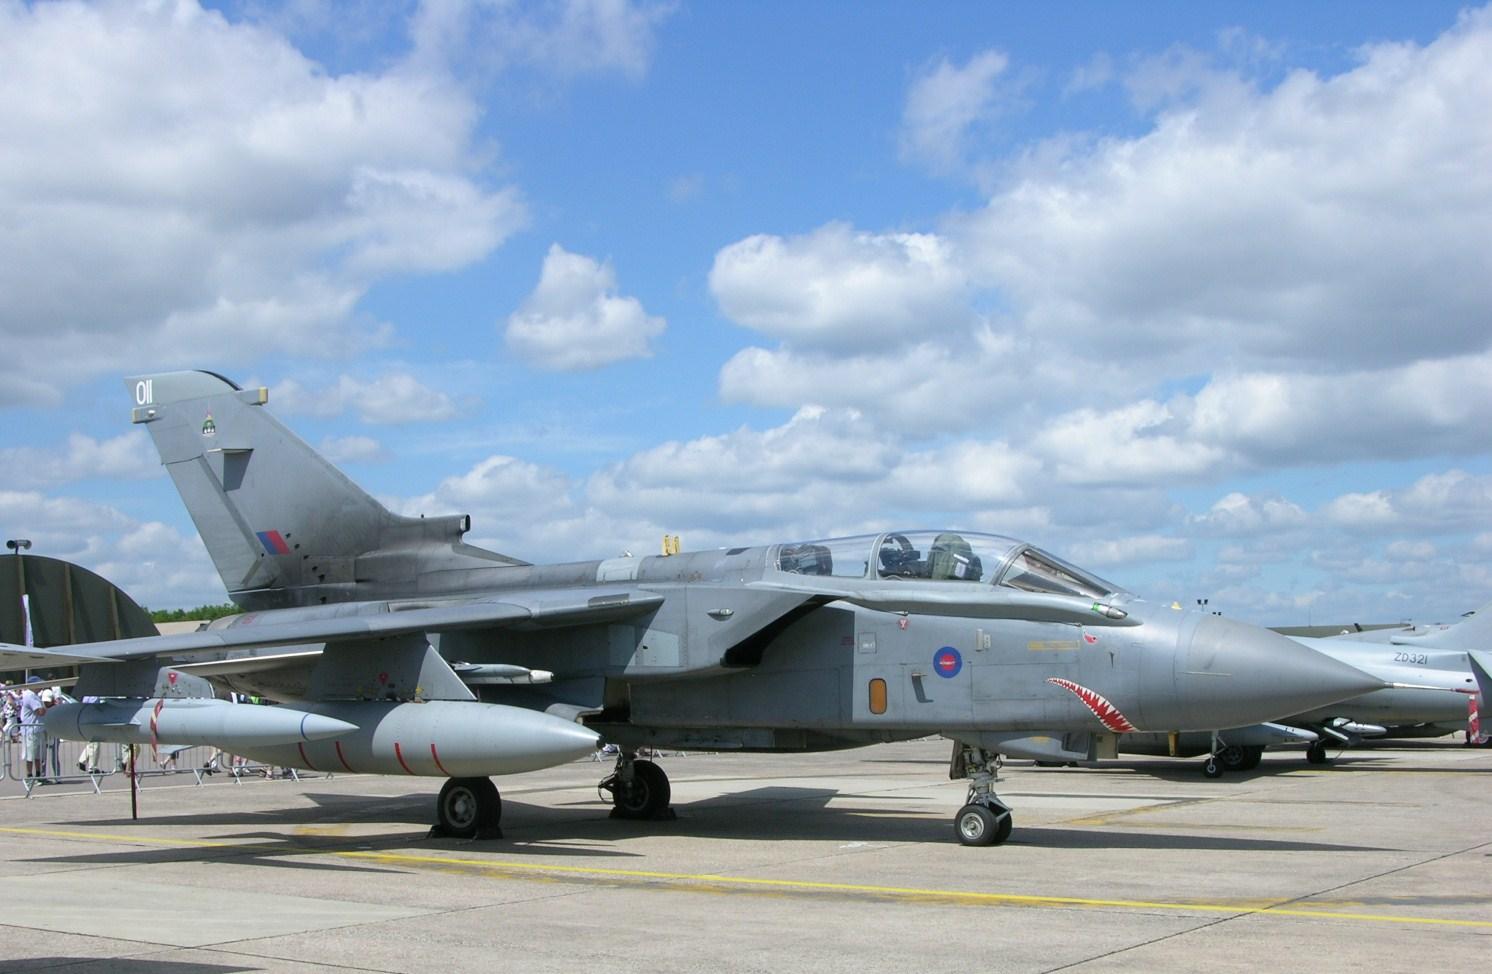 Обои истребители, Royal Air Force, сопровождение, самолеты, Red arrows, транспортный, Airbus A400M Atlas, четырёхмоторный, Красные стрелы. Авиация foto 18